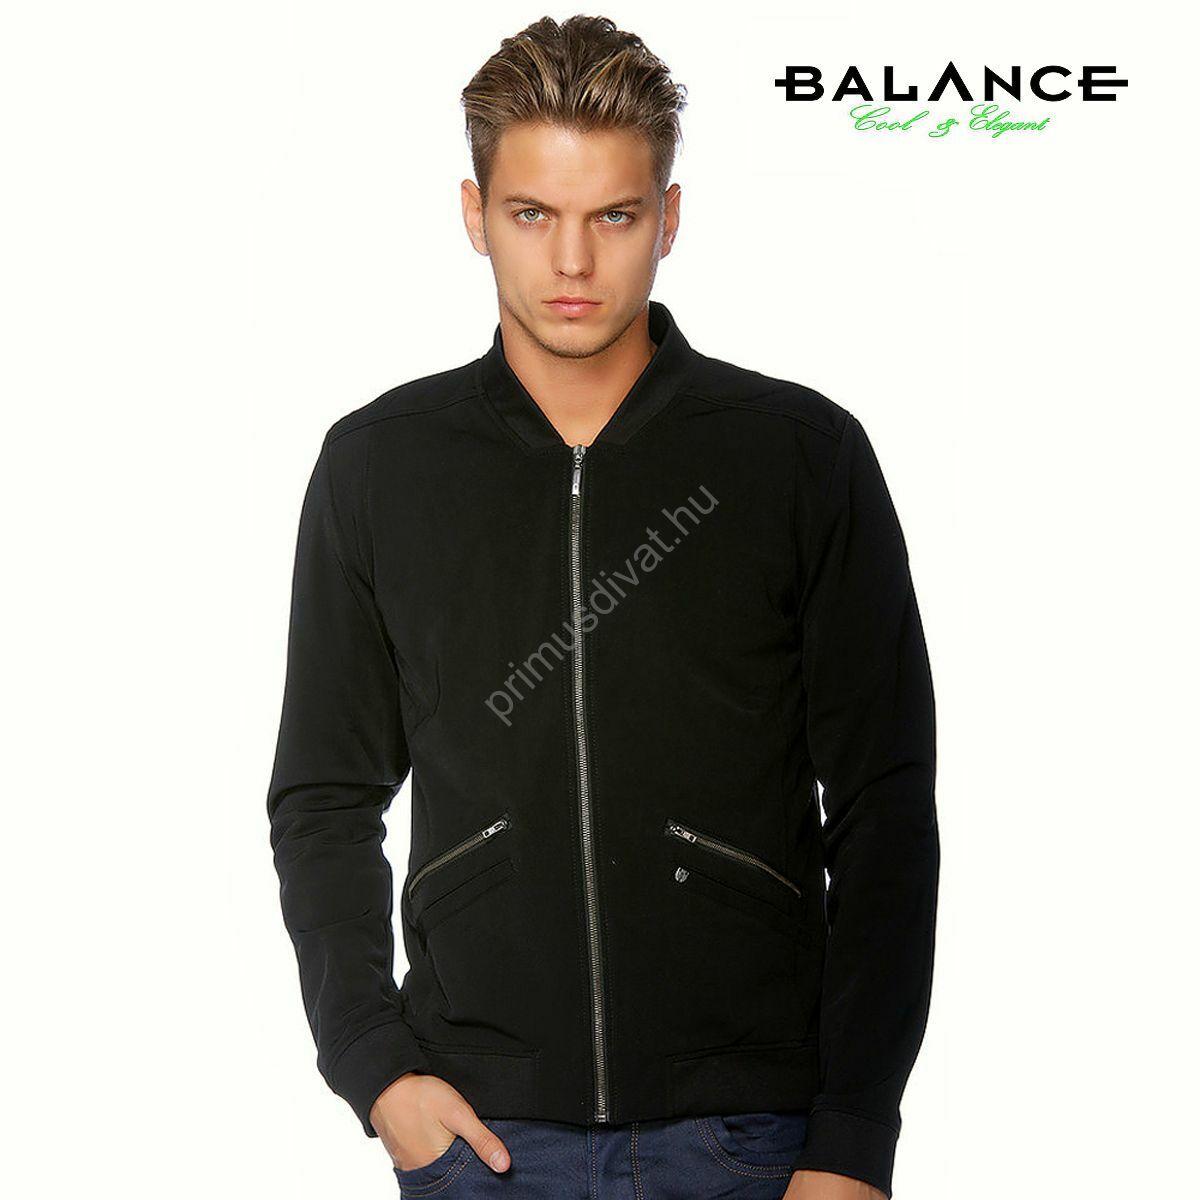 109d491e1b Kép 1/2 - Balance vékonyan bélelt, rugalmas anyagú cipzáras pulóver,  kardigán, fekete